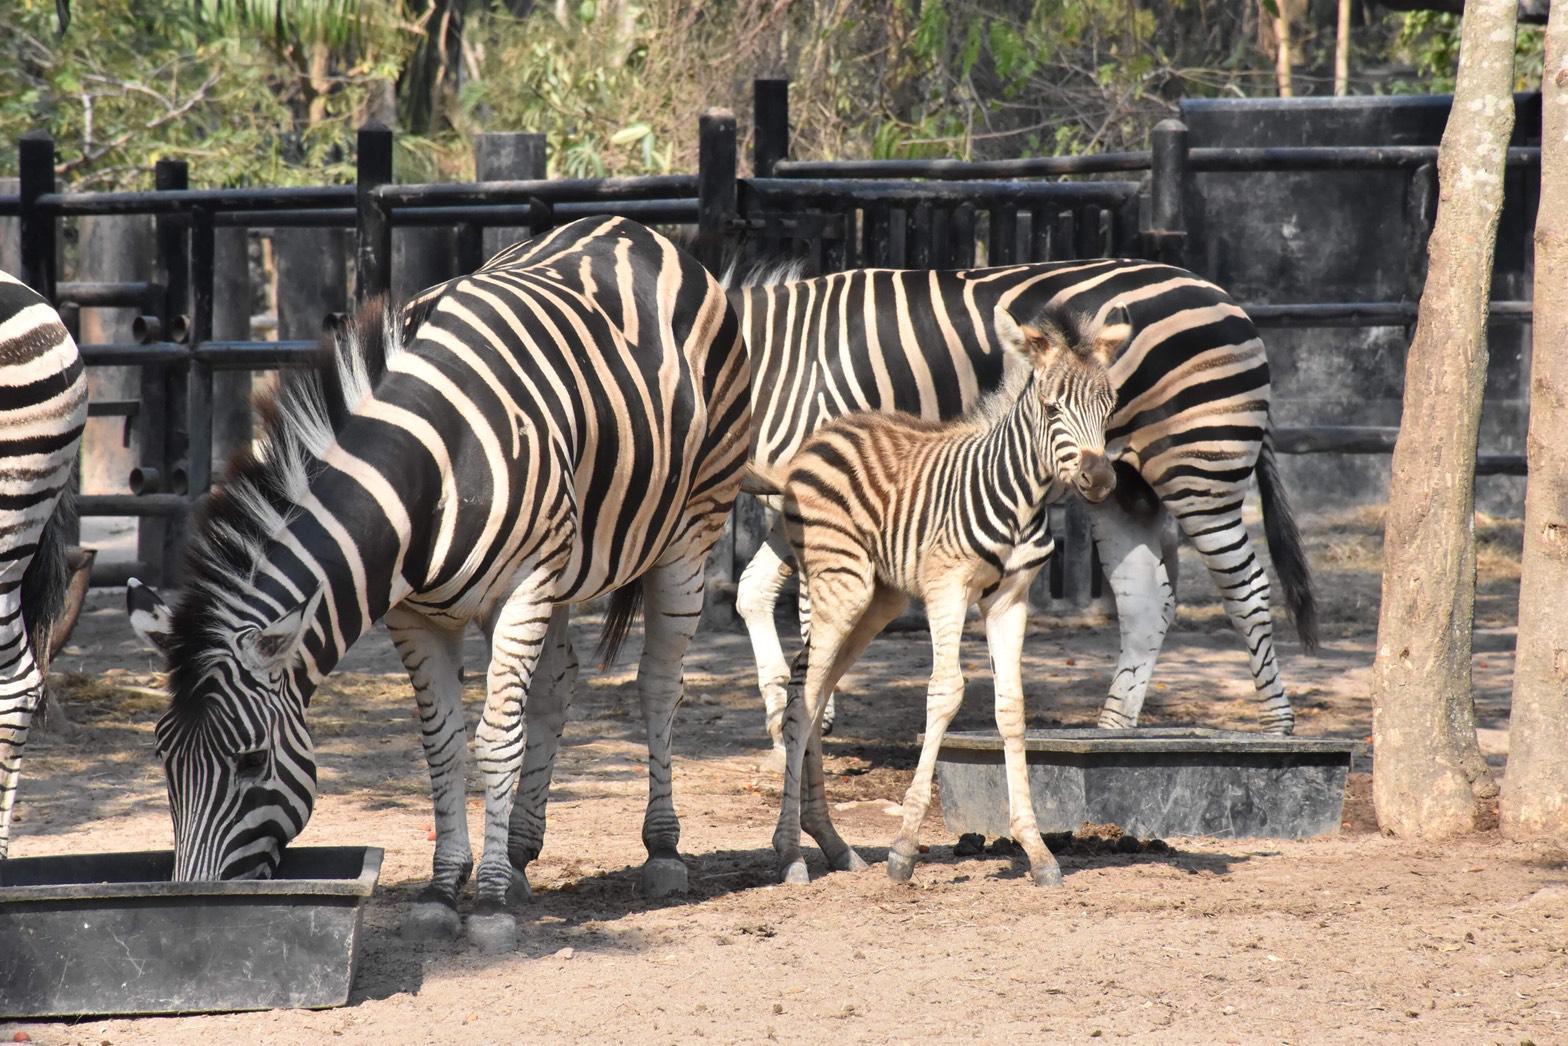 สวนสัตว์เปิดเขาเขียวอวดโฉมลูกม้าลาย  ต้อนรับวันเด็กแห่งชาติ